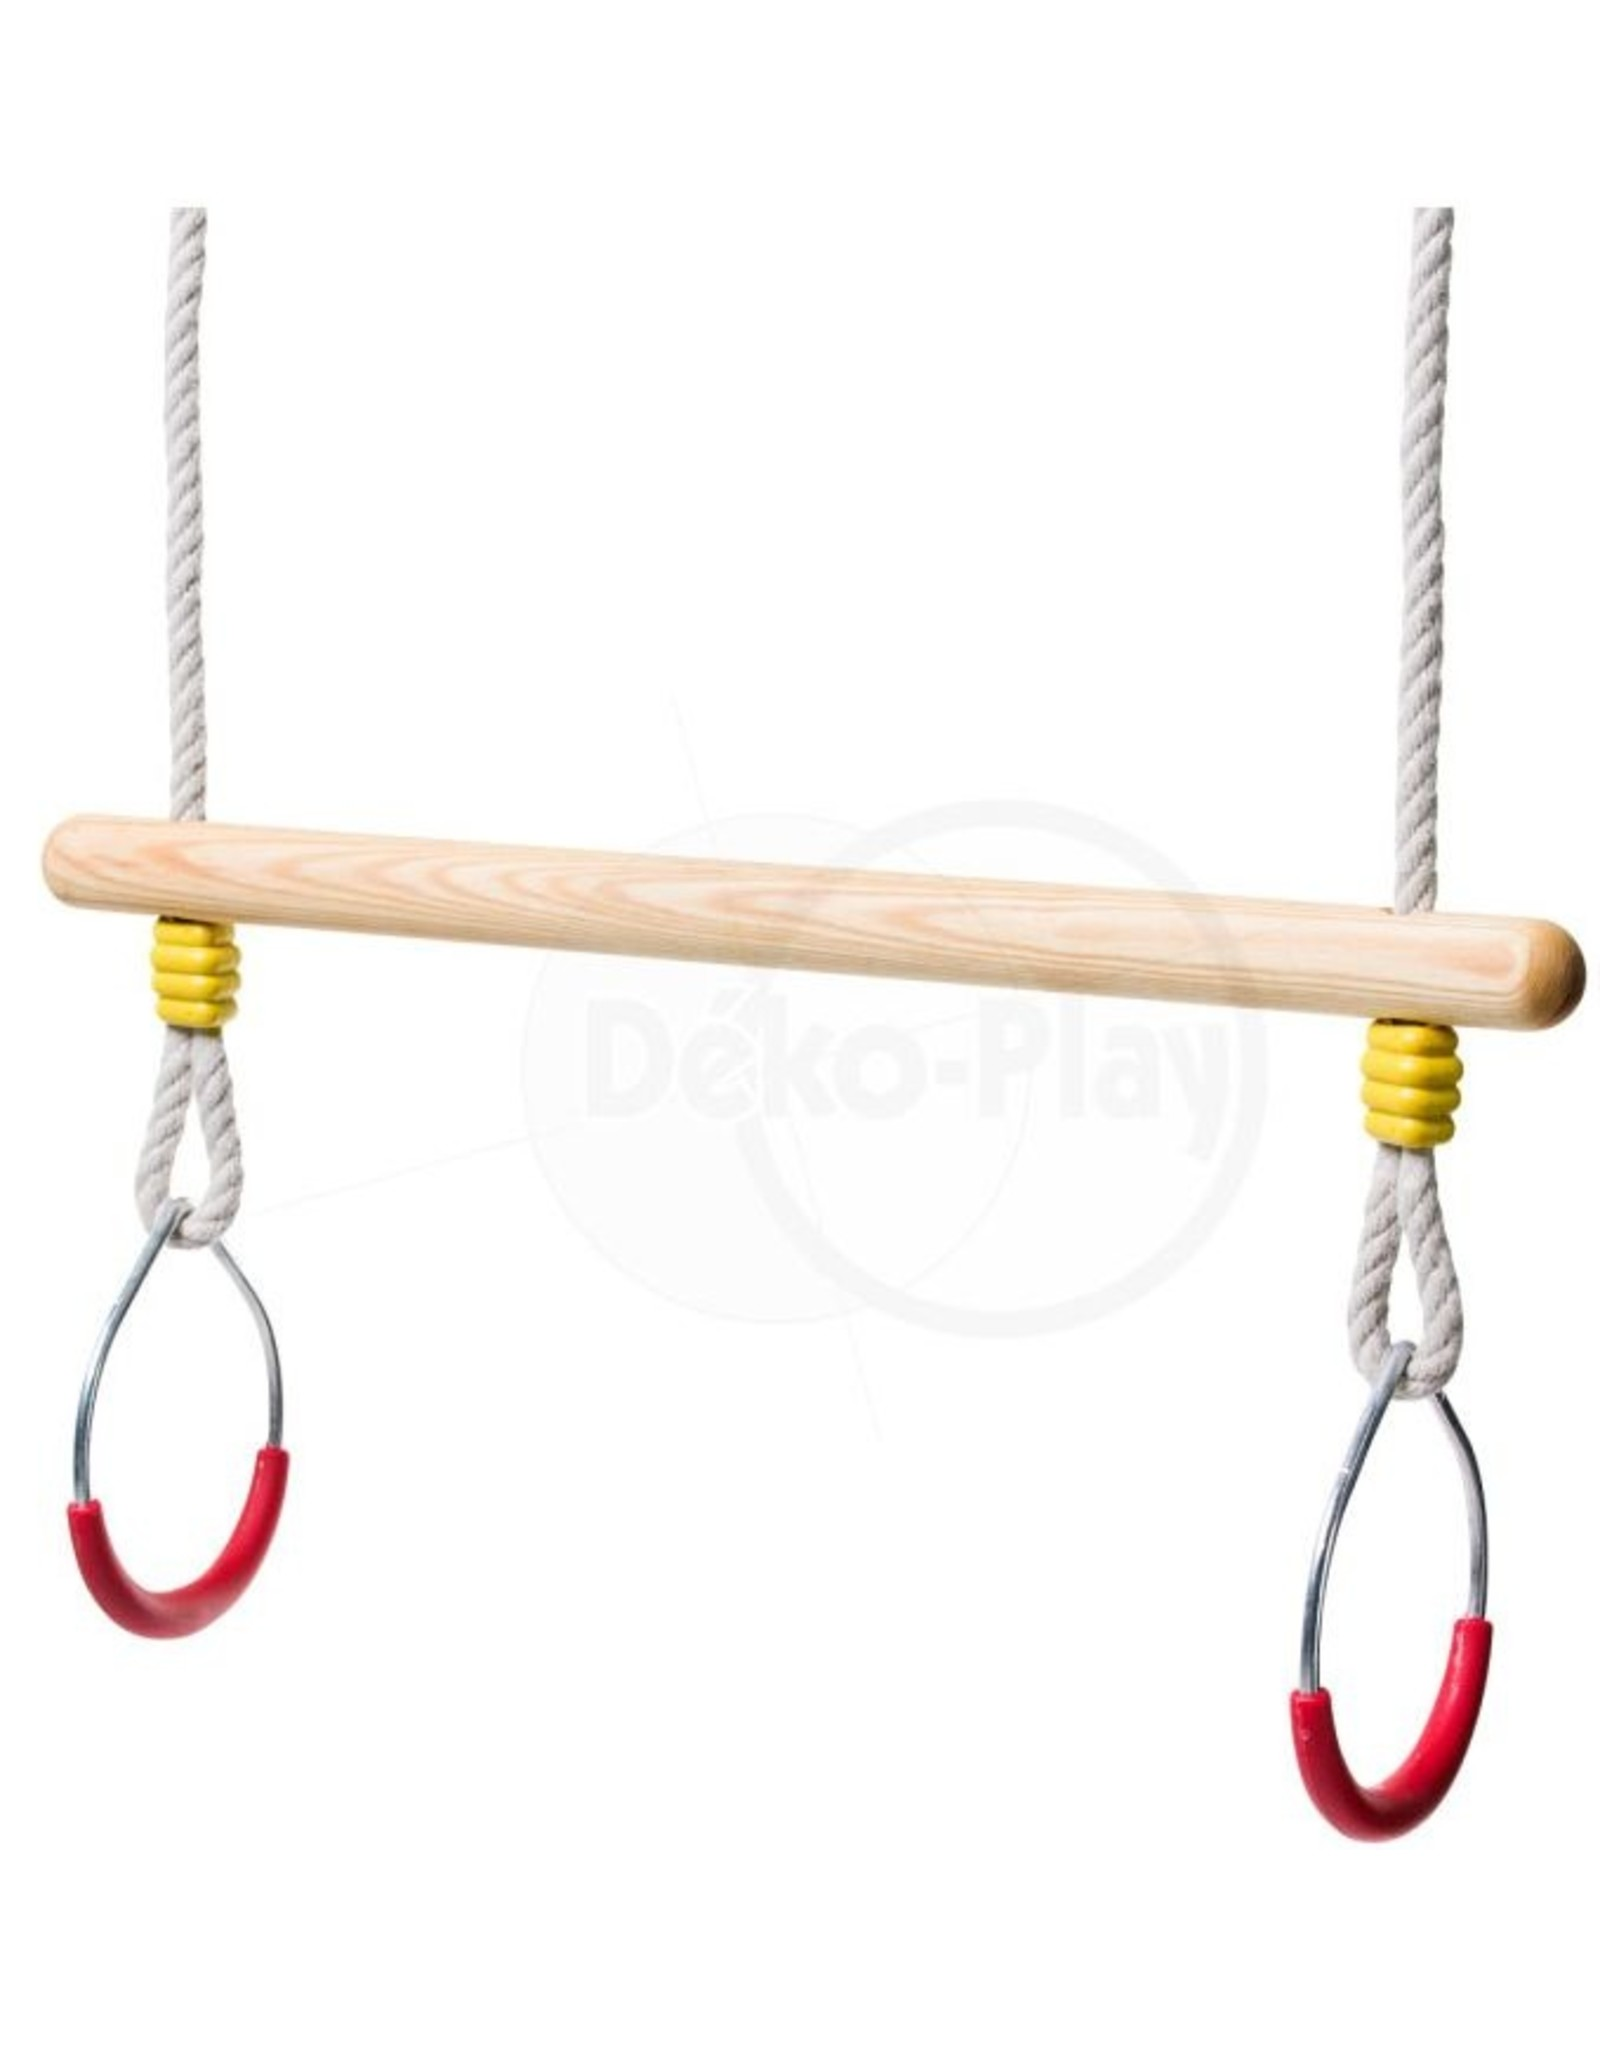 Déko-Play Déko-Play trapeze met metalen ringen